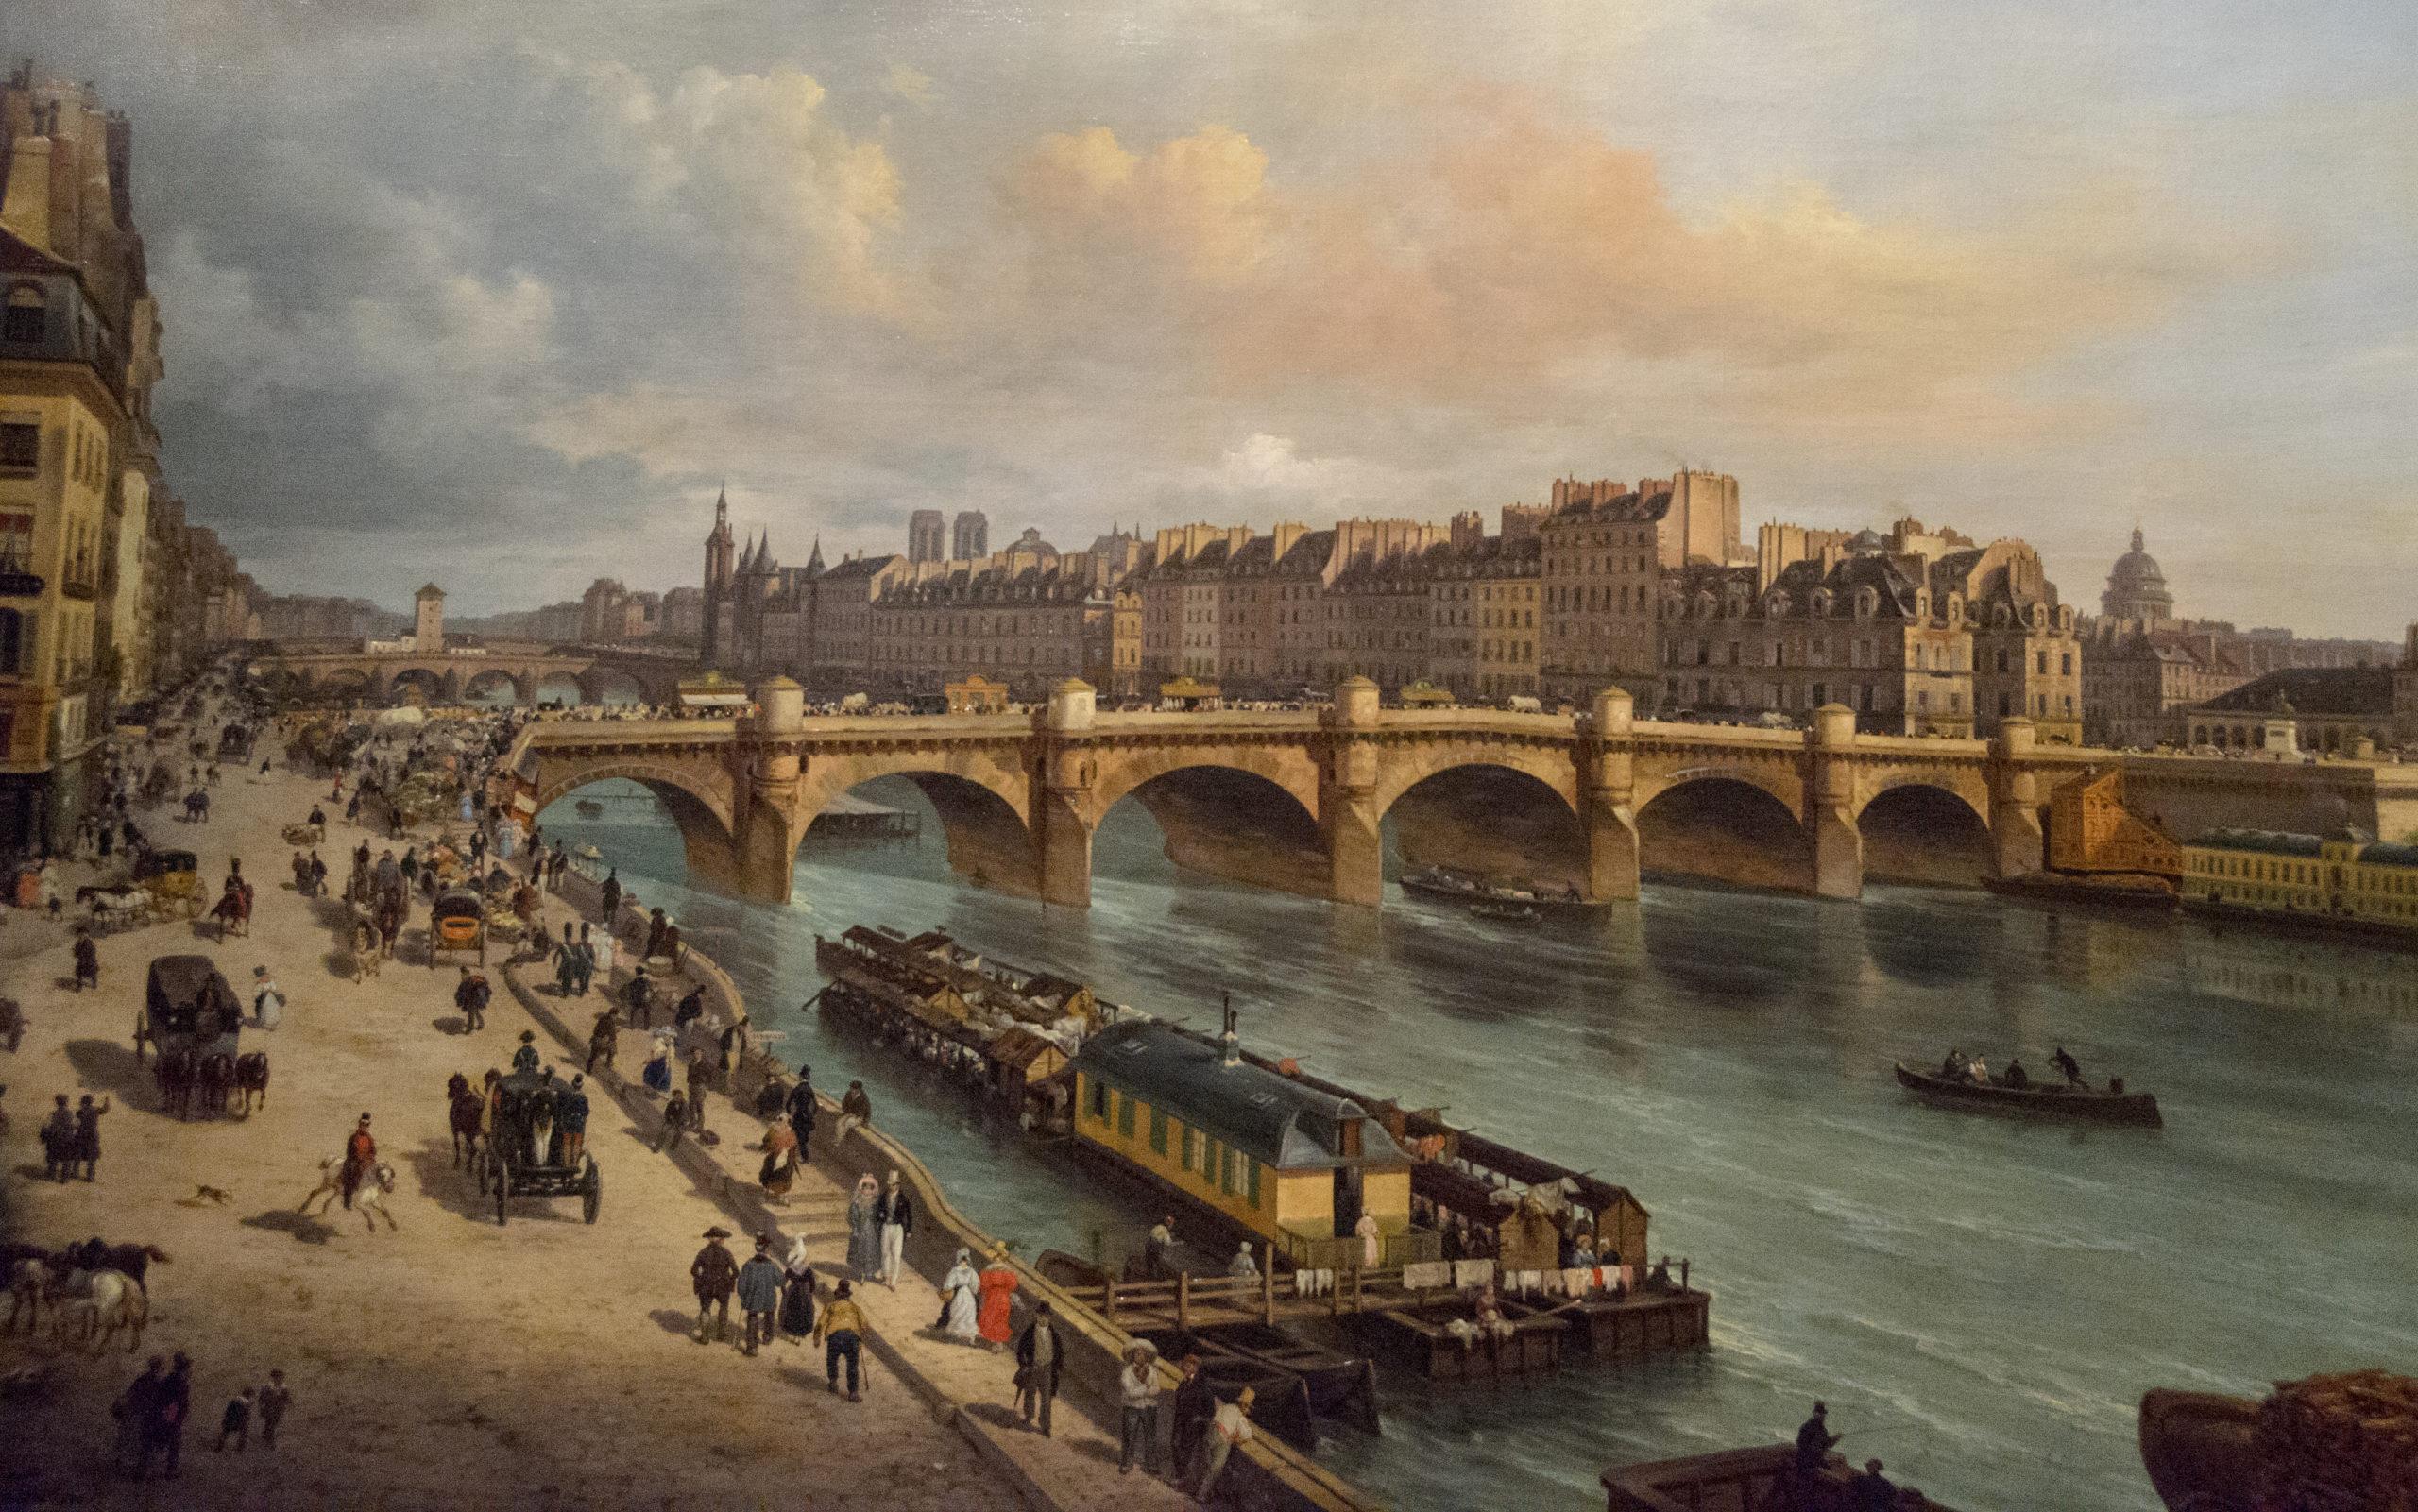 pont-neuf-canella